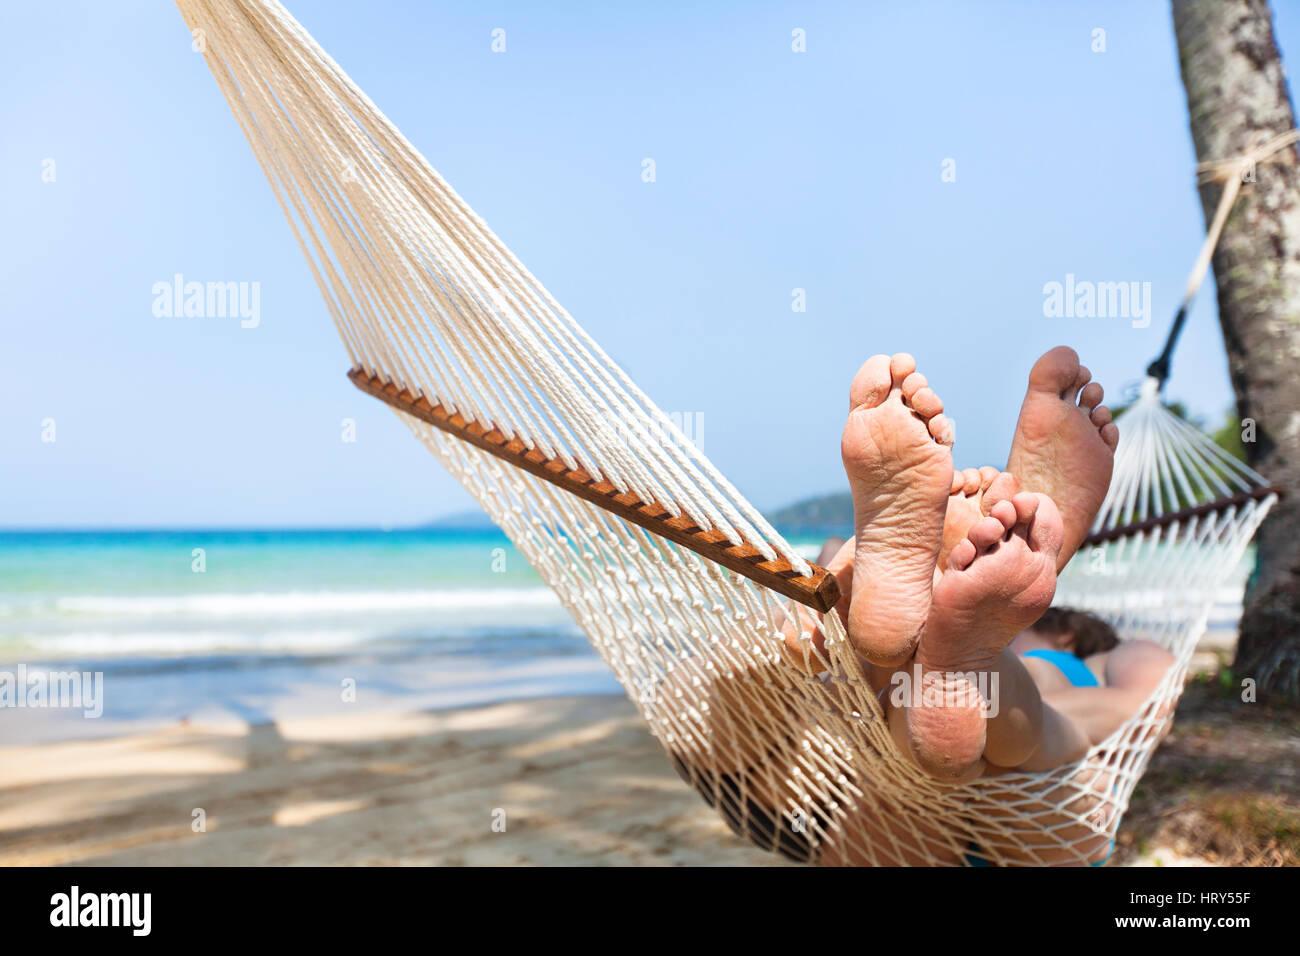 Brautpaar Familie in Hängematte auf Closeup Füße, tropisches Paradiesstrand, Insel Urlaub Stockbild